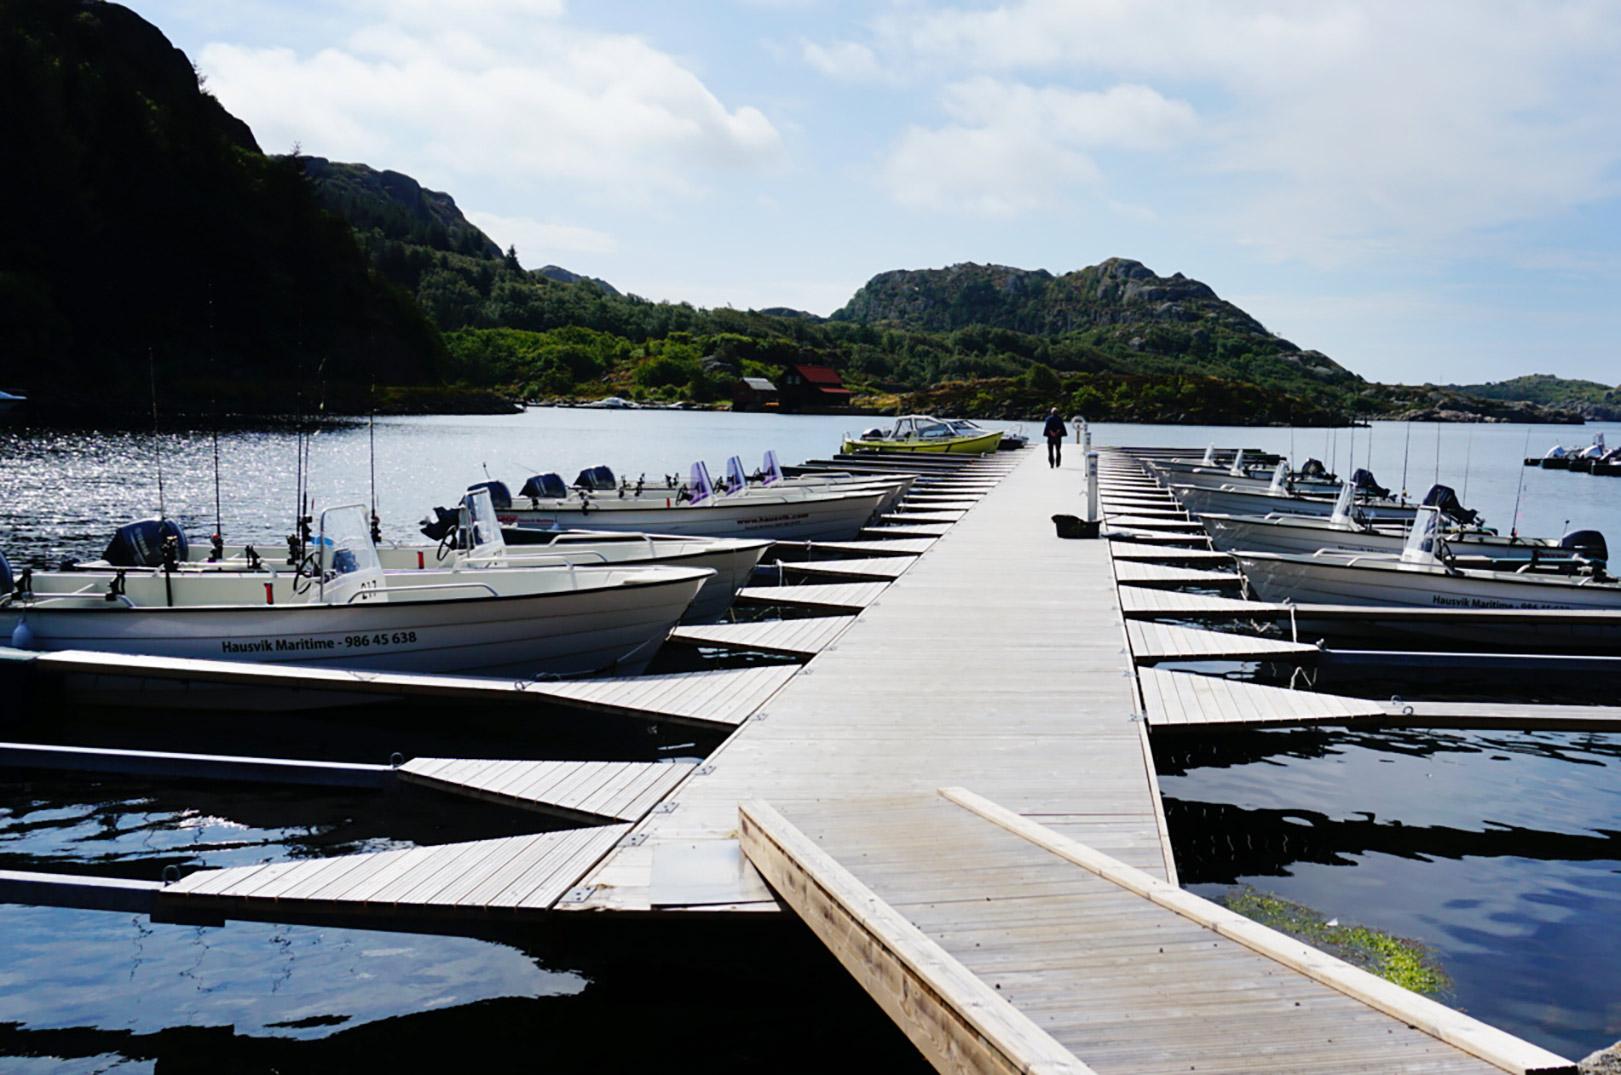 Hausvik Maritime Feriesenter har en masse lækre både du kan fiske fra.